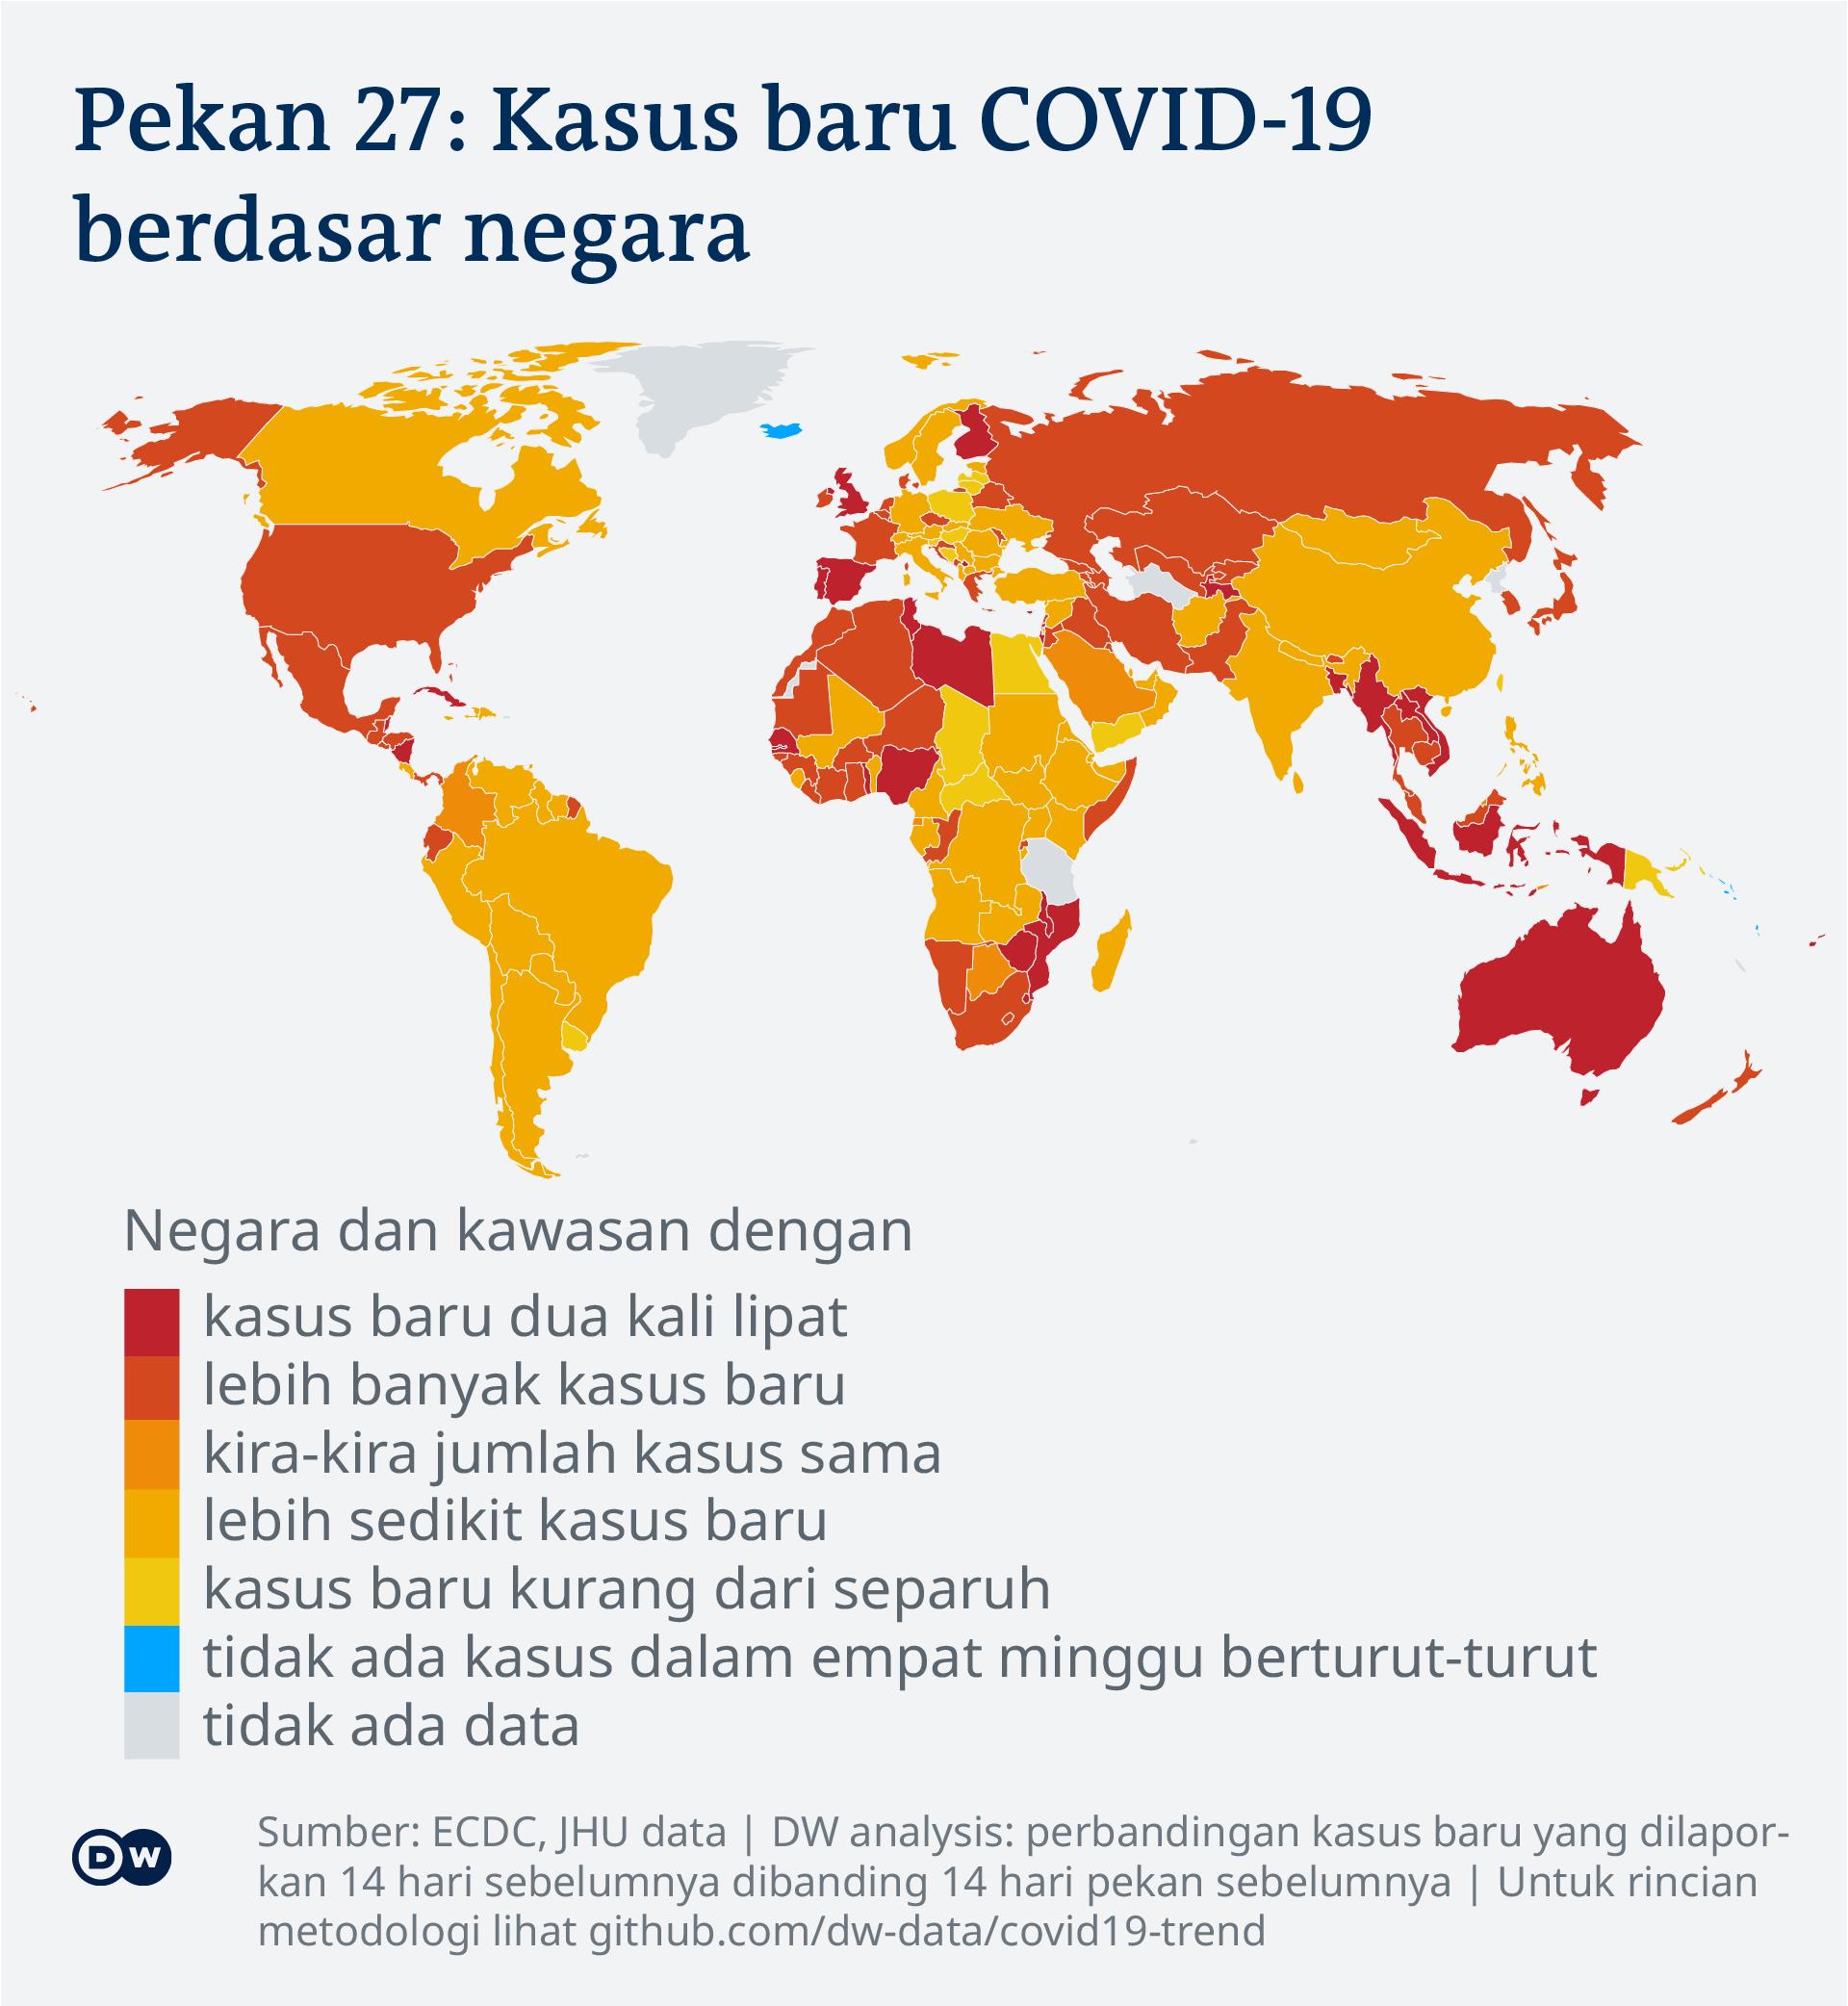 Jumlah kasus baru COVID-19 berdasar negara pekan ke-27